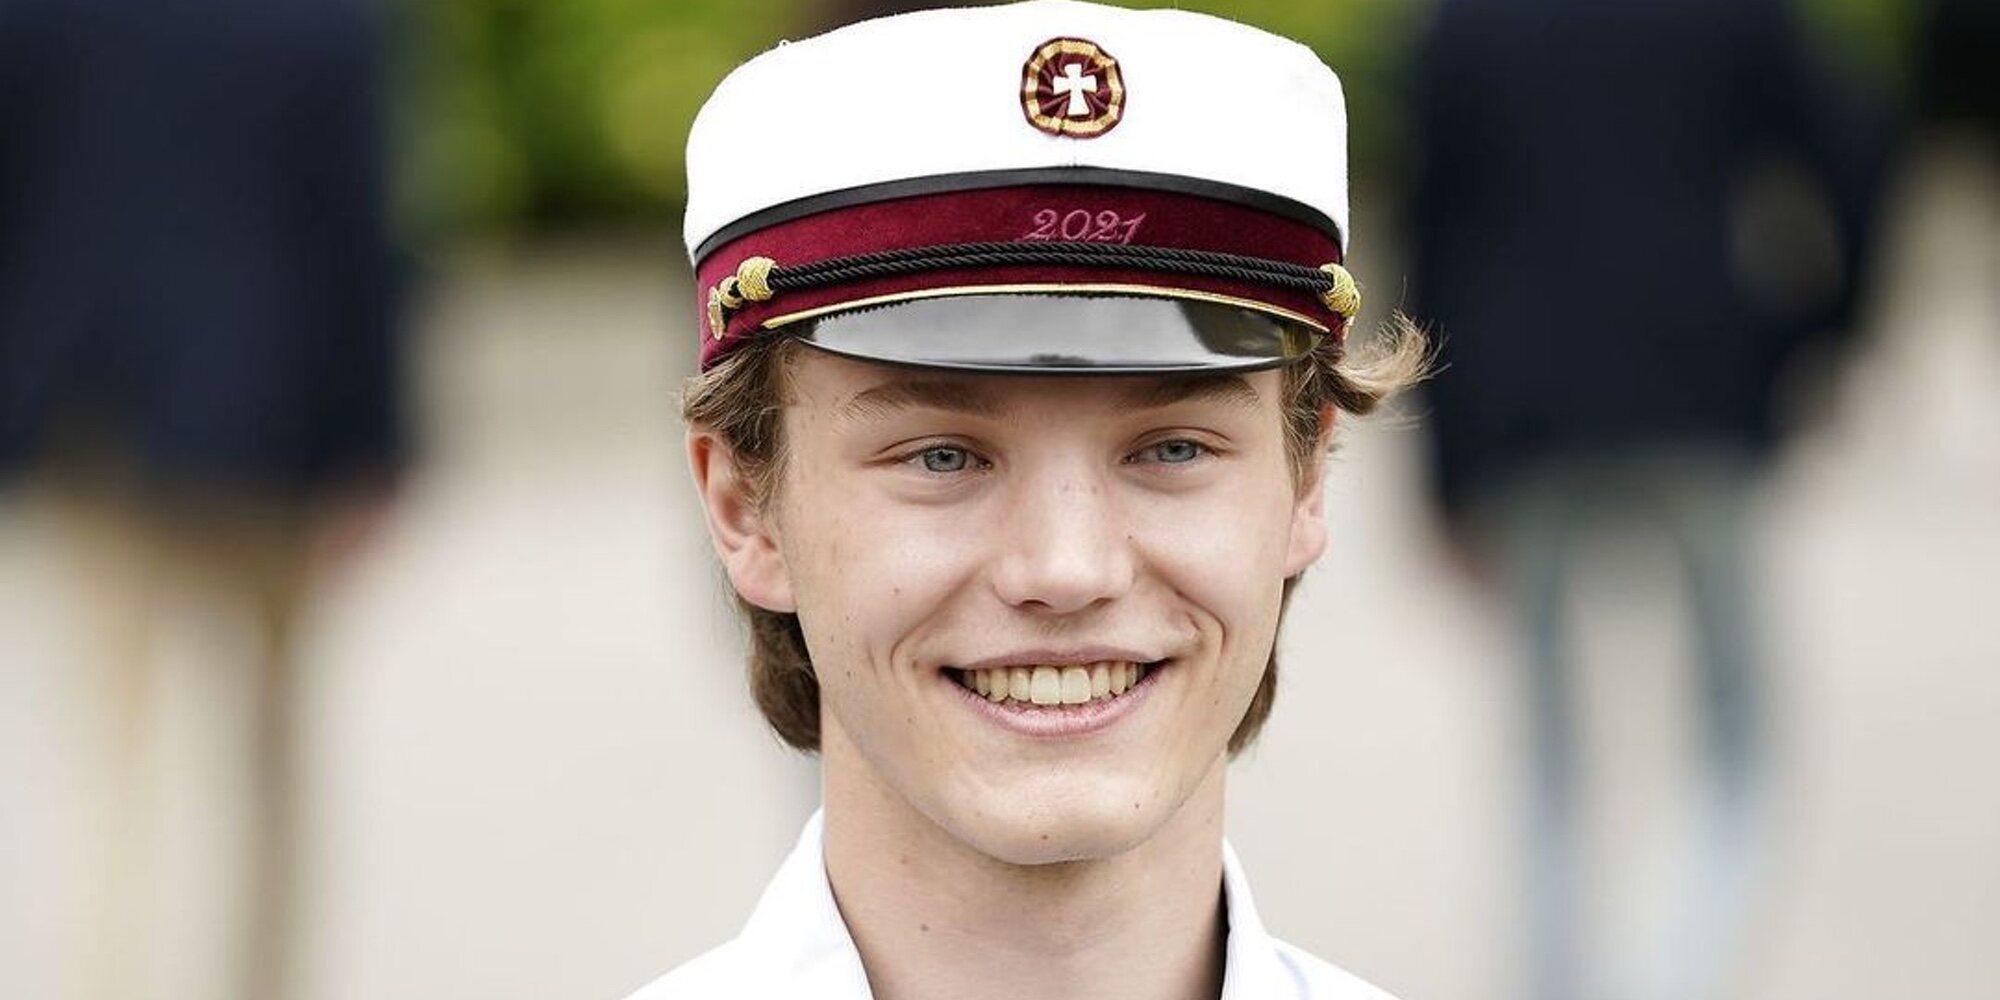 Félix de Dinamarca celebra su graduación con la alegría del regreso de Joaquín de Dinamarca desde París